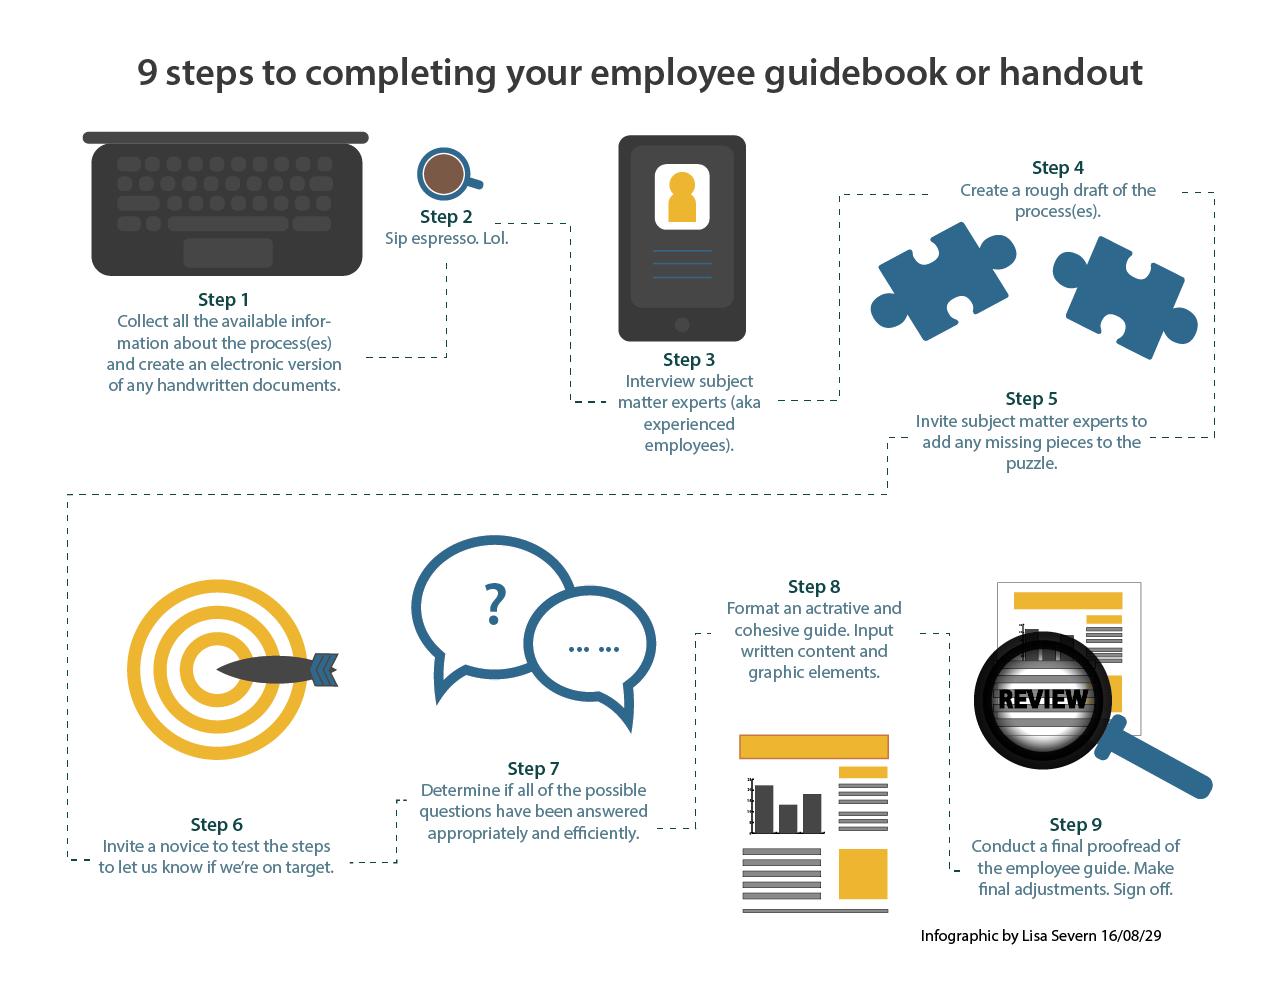 employee guidebook